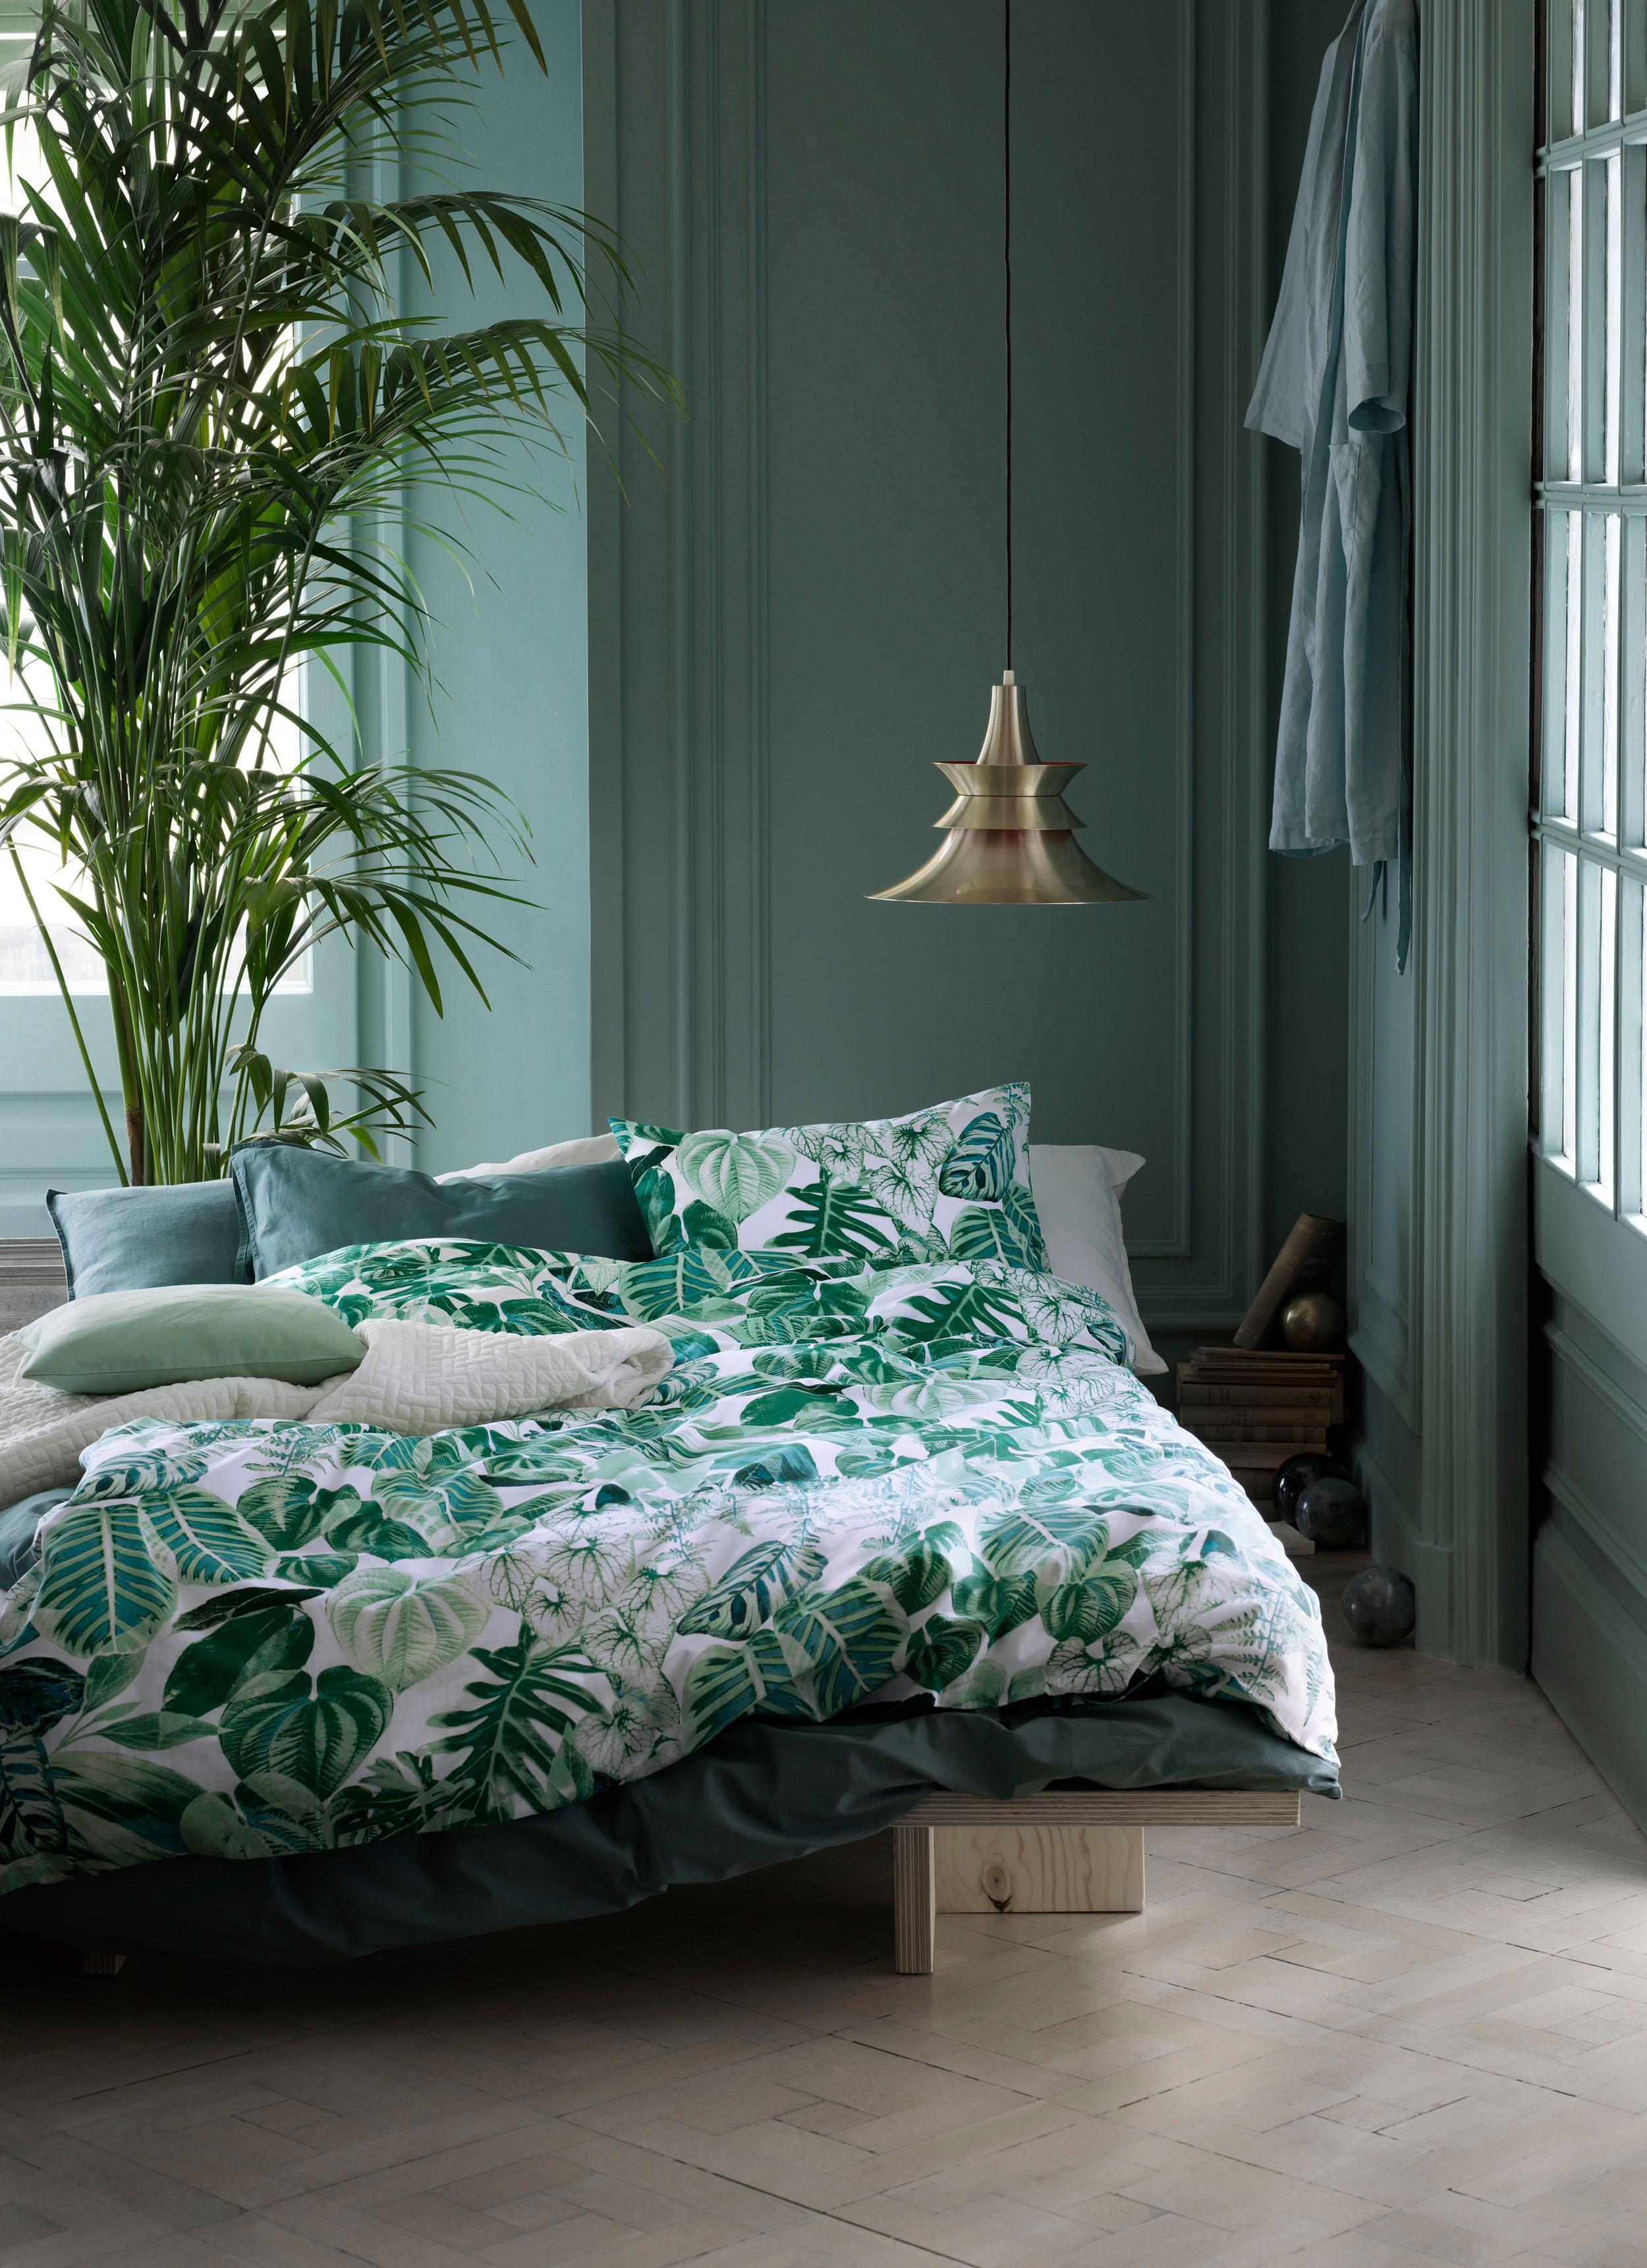 Schlafzimmer gestalten farben  Schlafzimmer gestalten • Bilder & Ideen • COUCHstyle